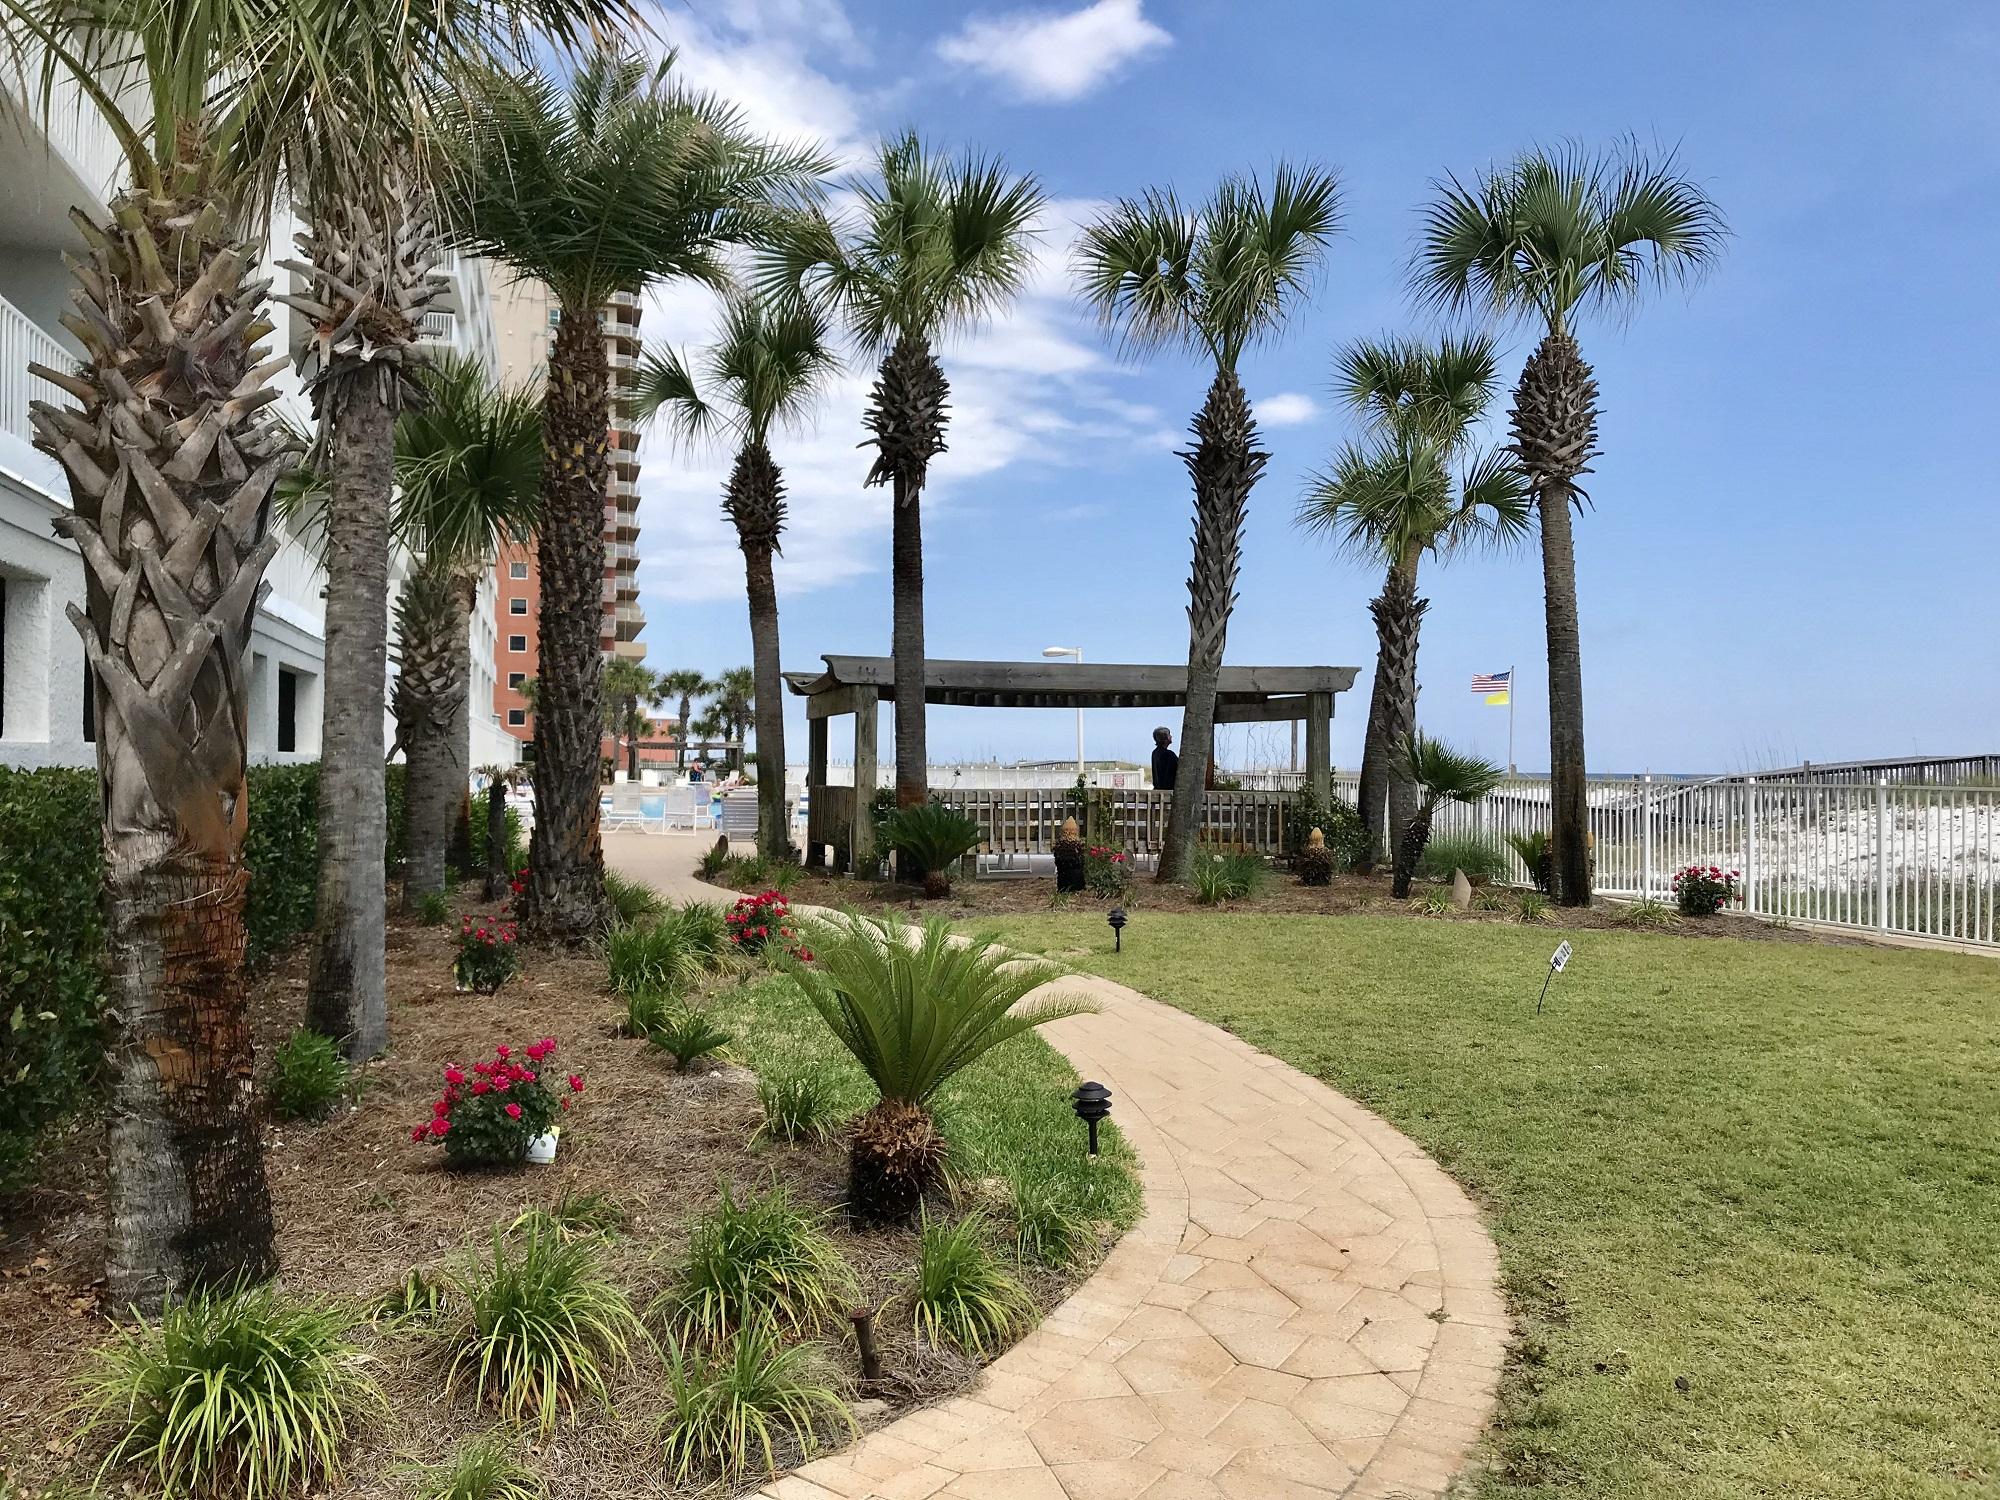 Ocean House 2804 Condo rental in Ocean House - Gulf Shores in Gulf Shores Alabama - #45